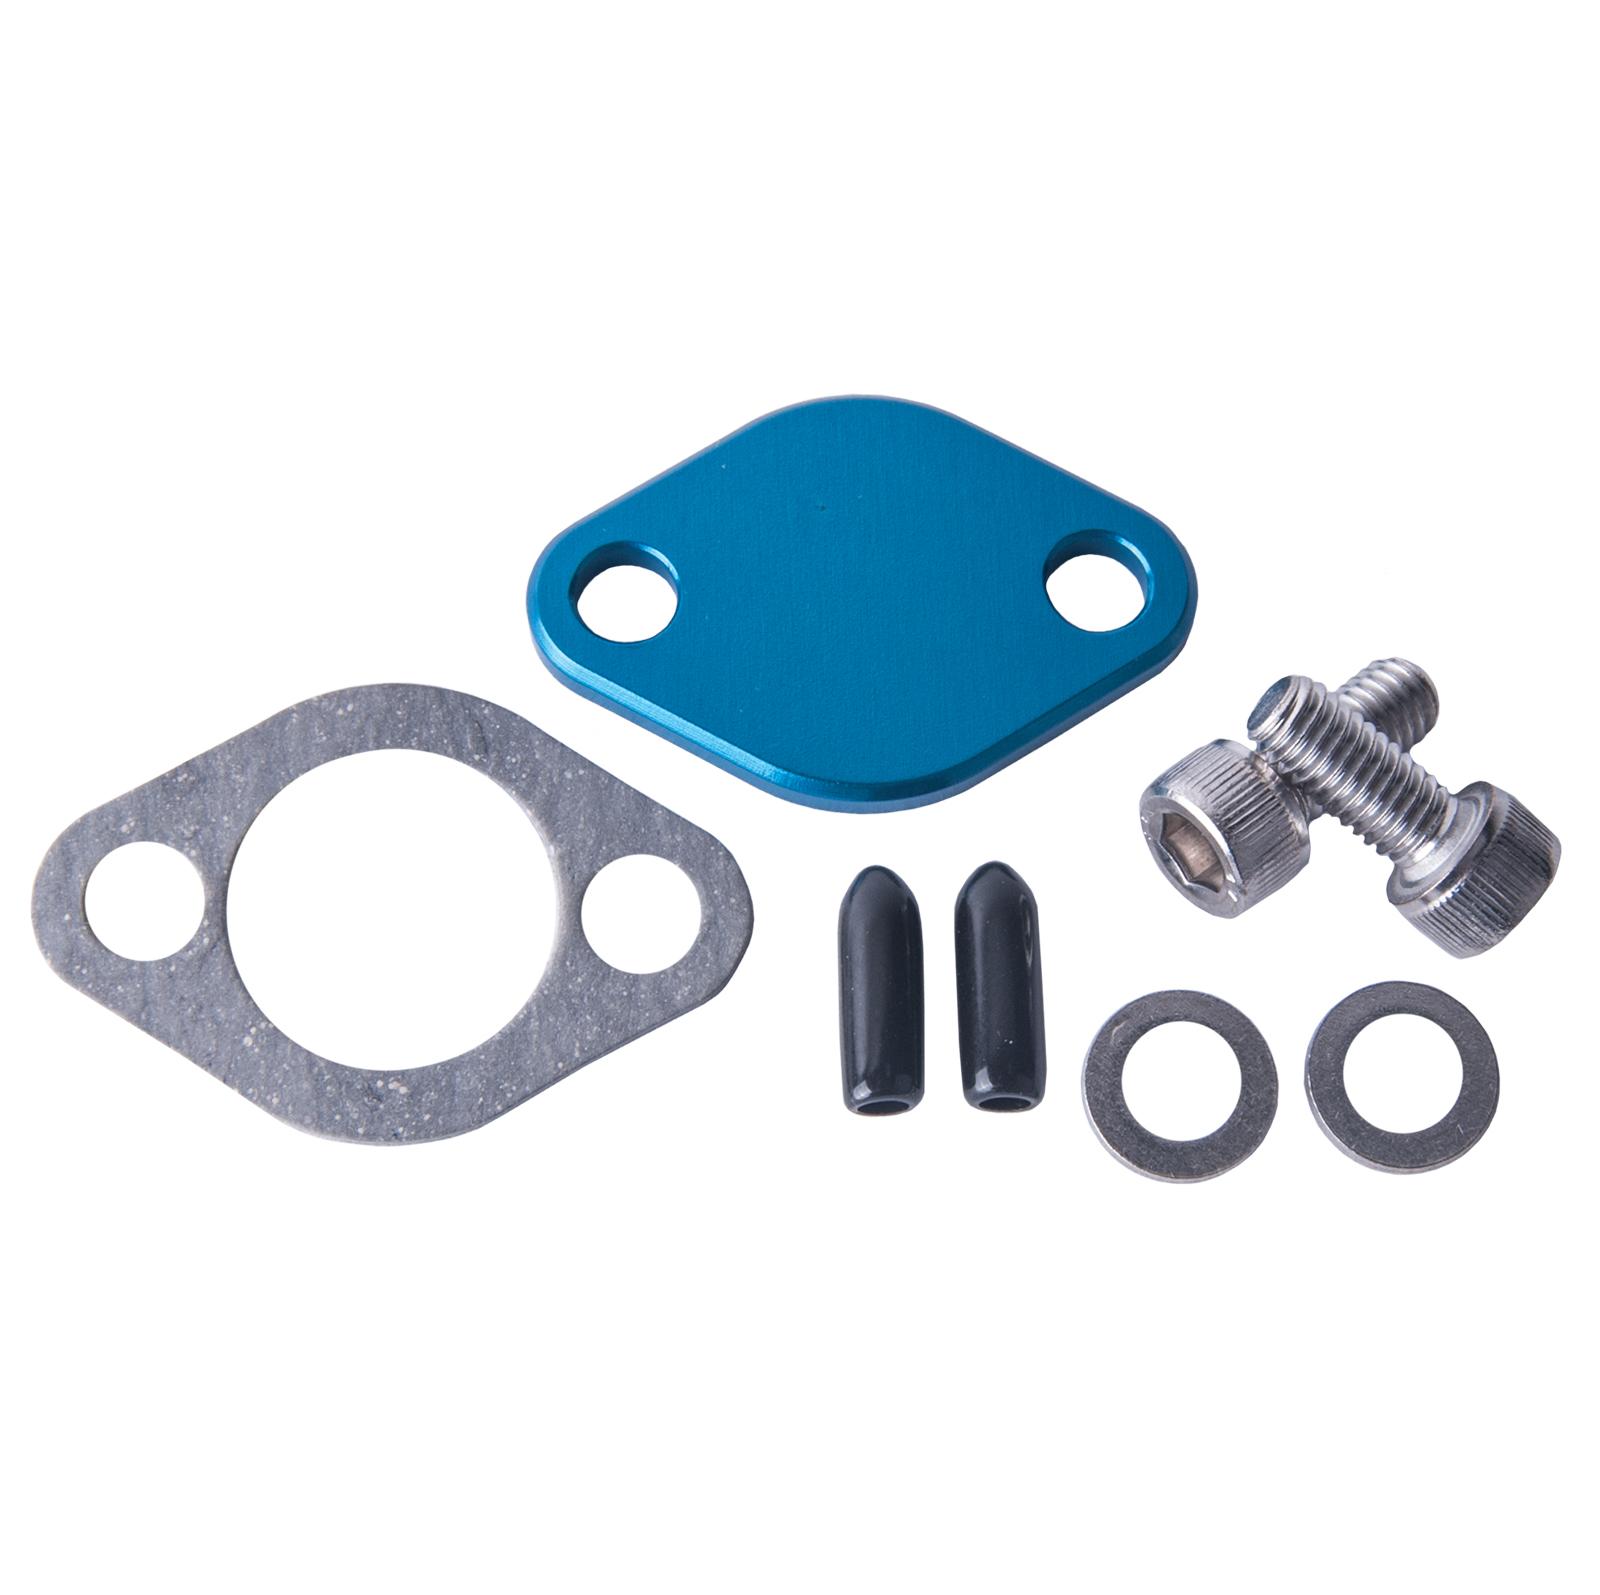 Seadoo Oil Pump Block-Off Kit 587 657//X 717 SP GT SPI XP GTS GTX HX GTI GS GSI